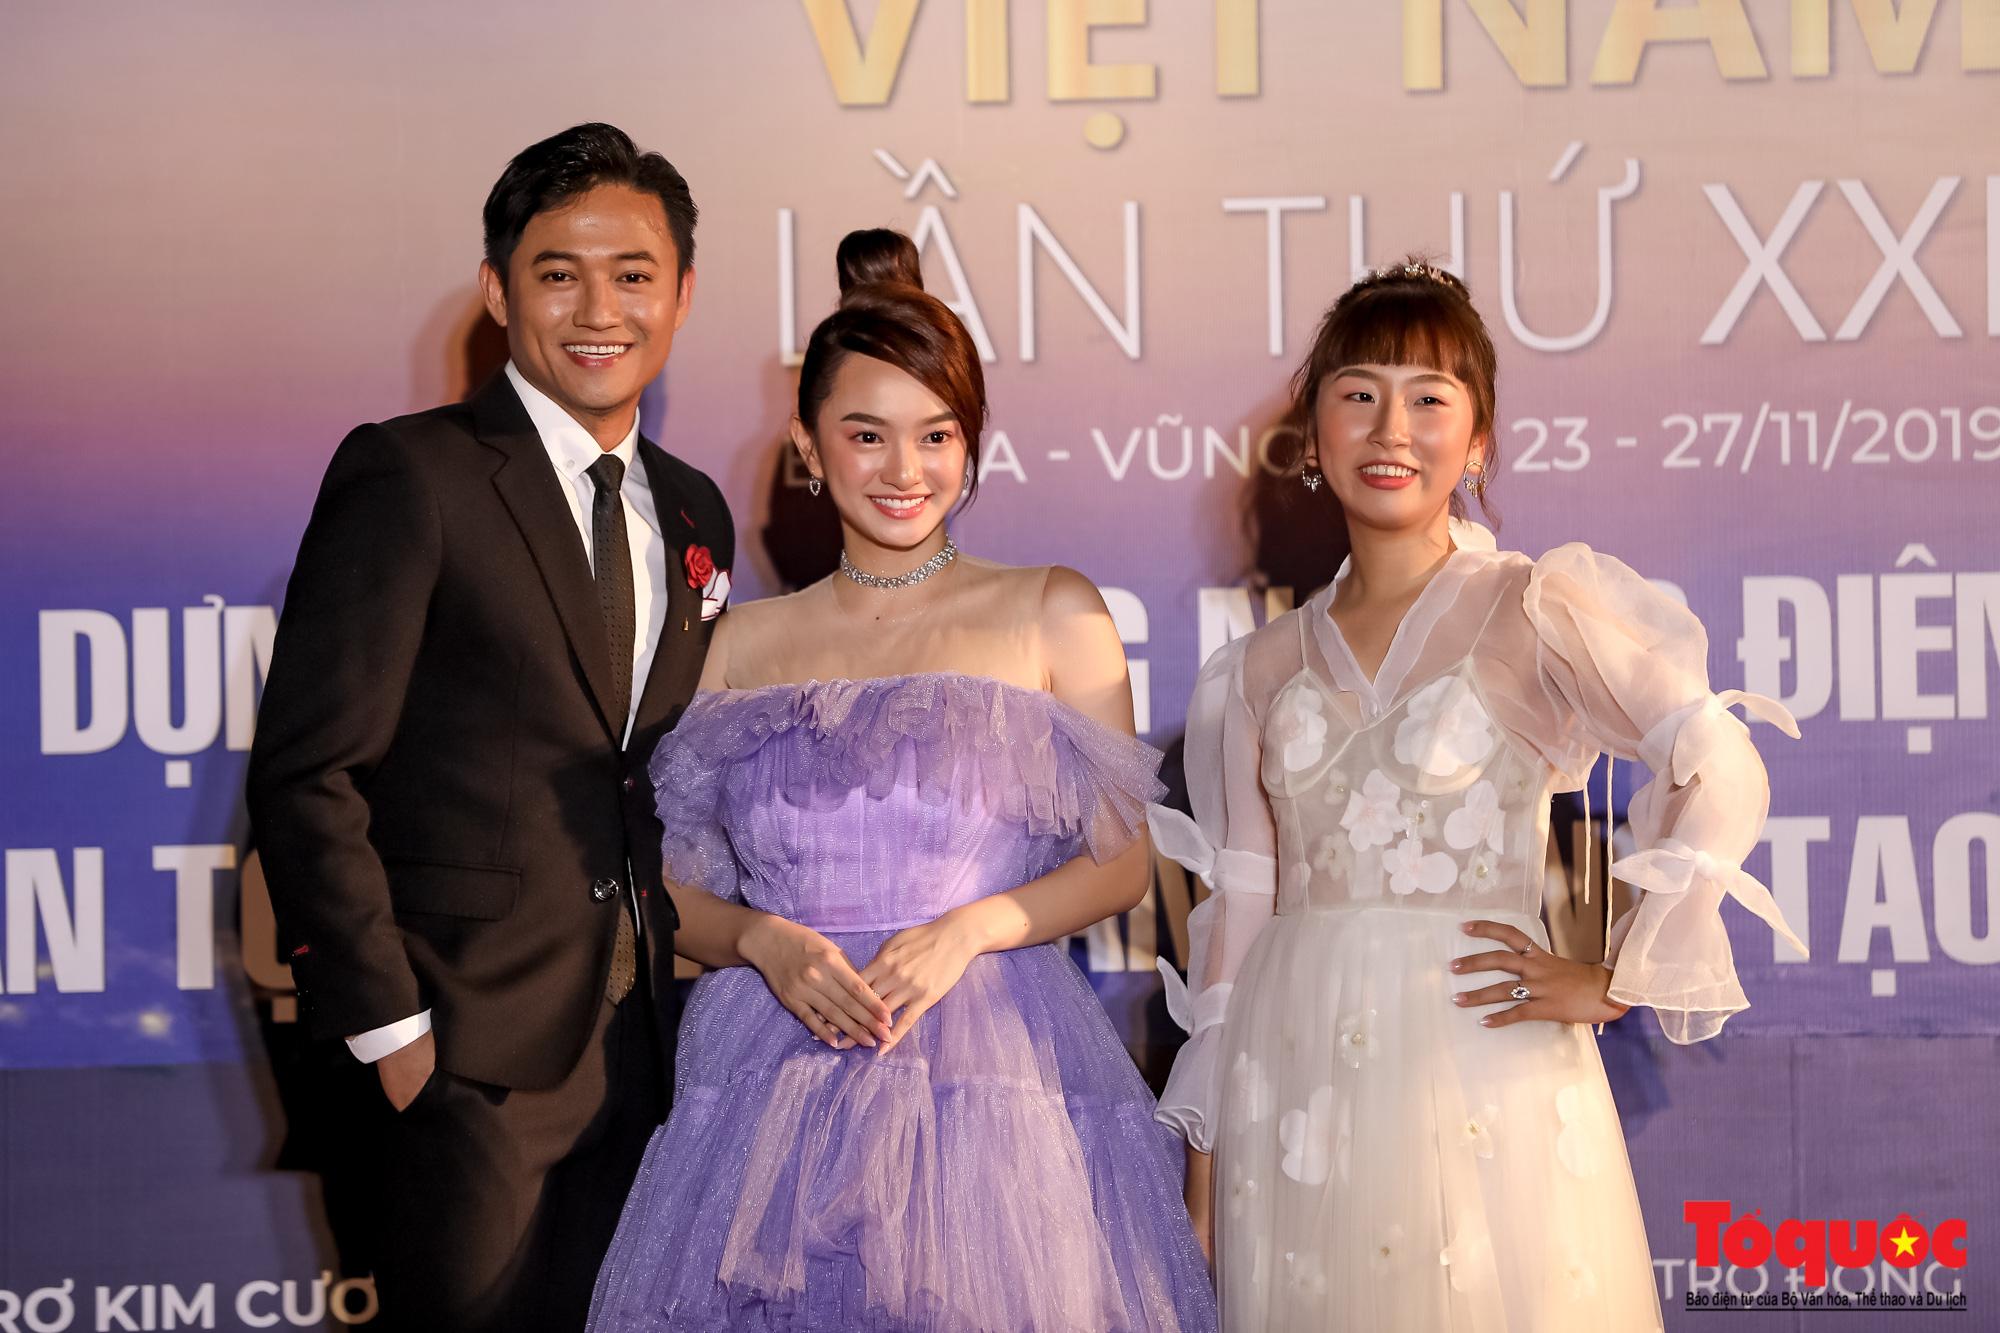 Nghê sỹ Việt lộng lẫy trên thảm đỏ LHP Việt Nam lần thứ XXI - Ảnh 3.